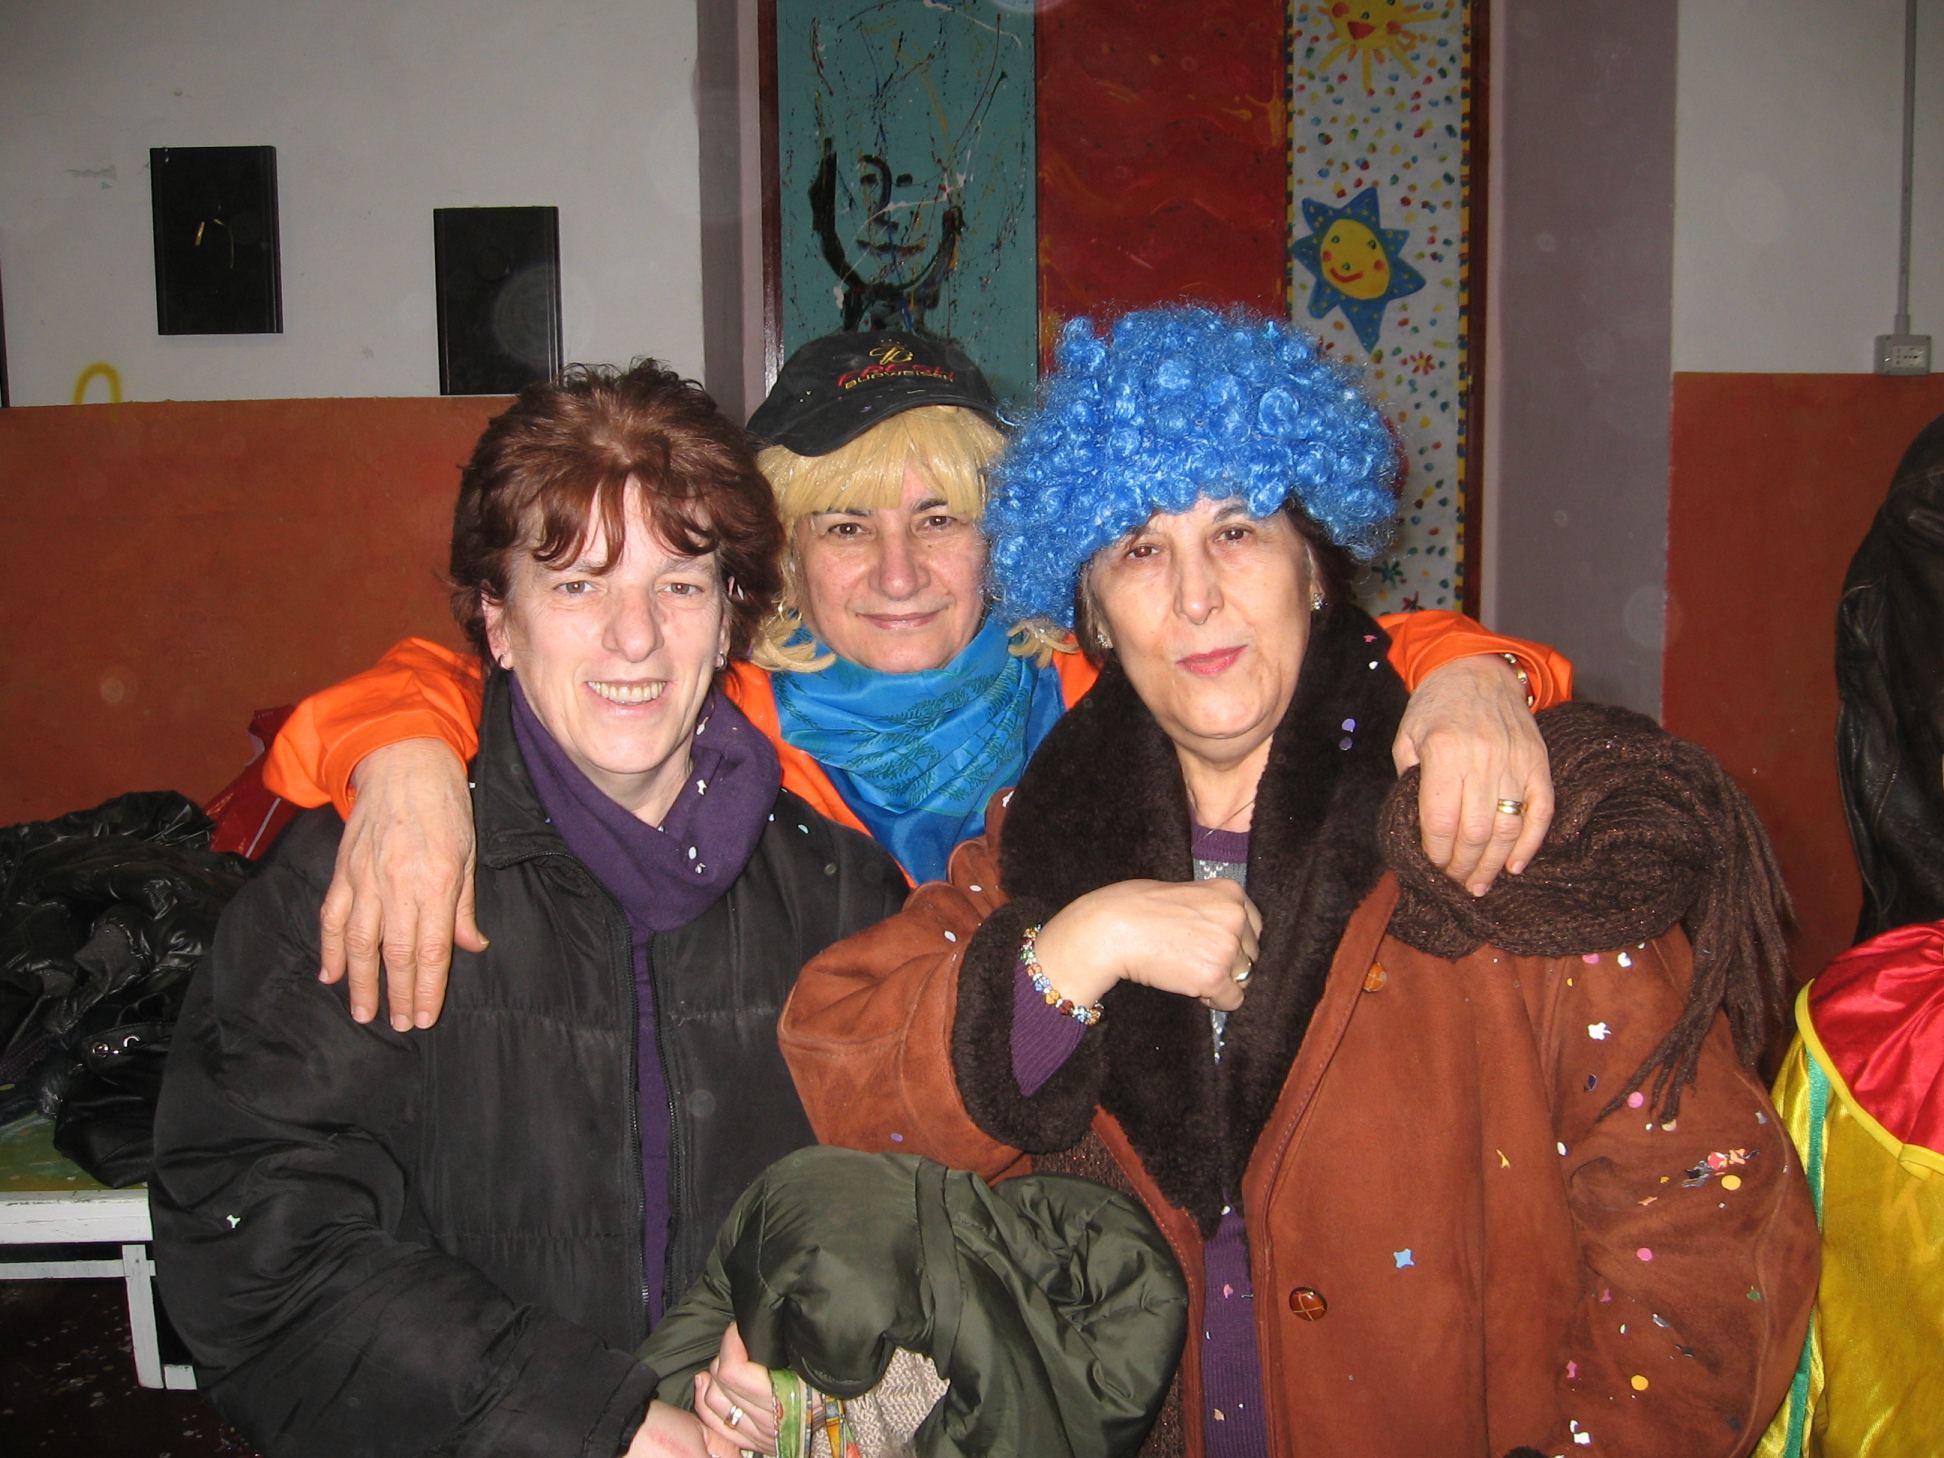 Pentolaccia-2010-02-14--17.00.34